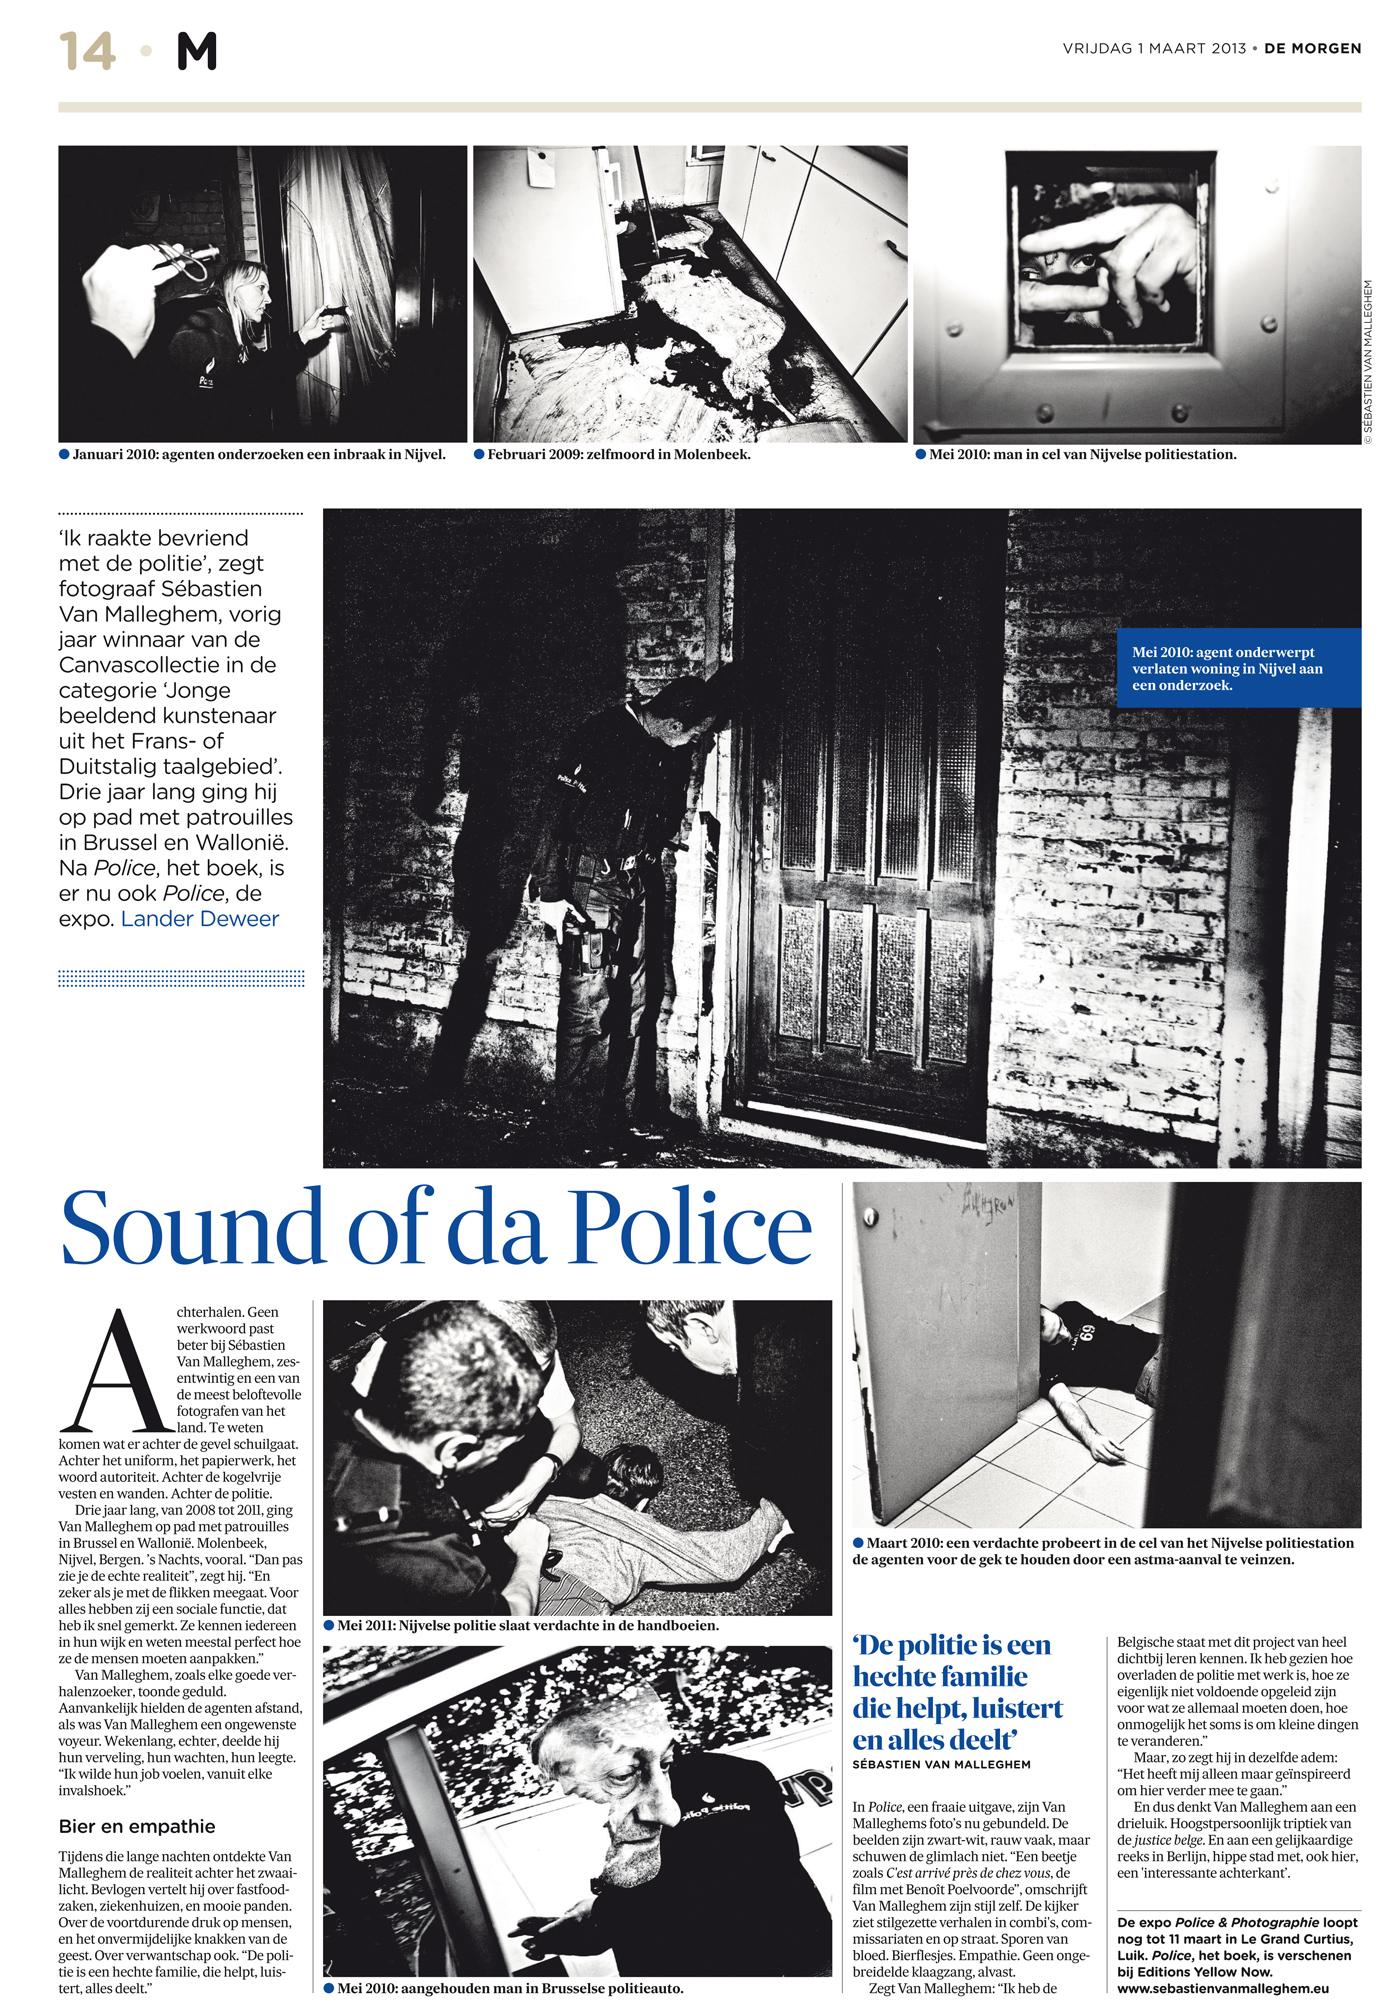 Police for De Morgen